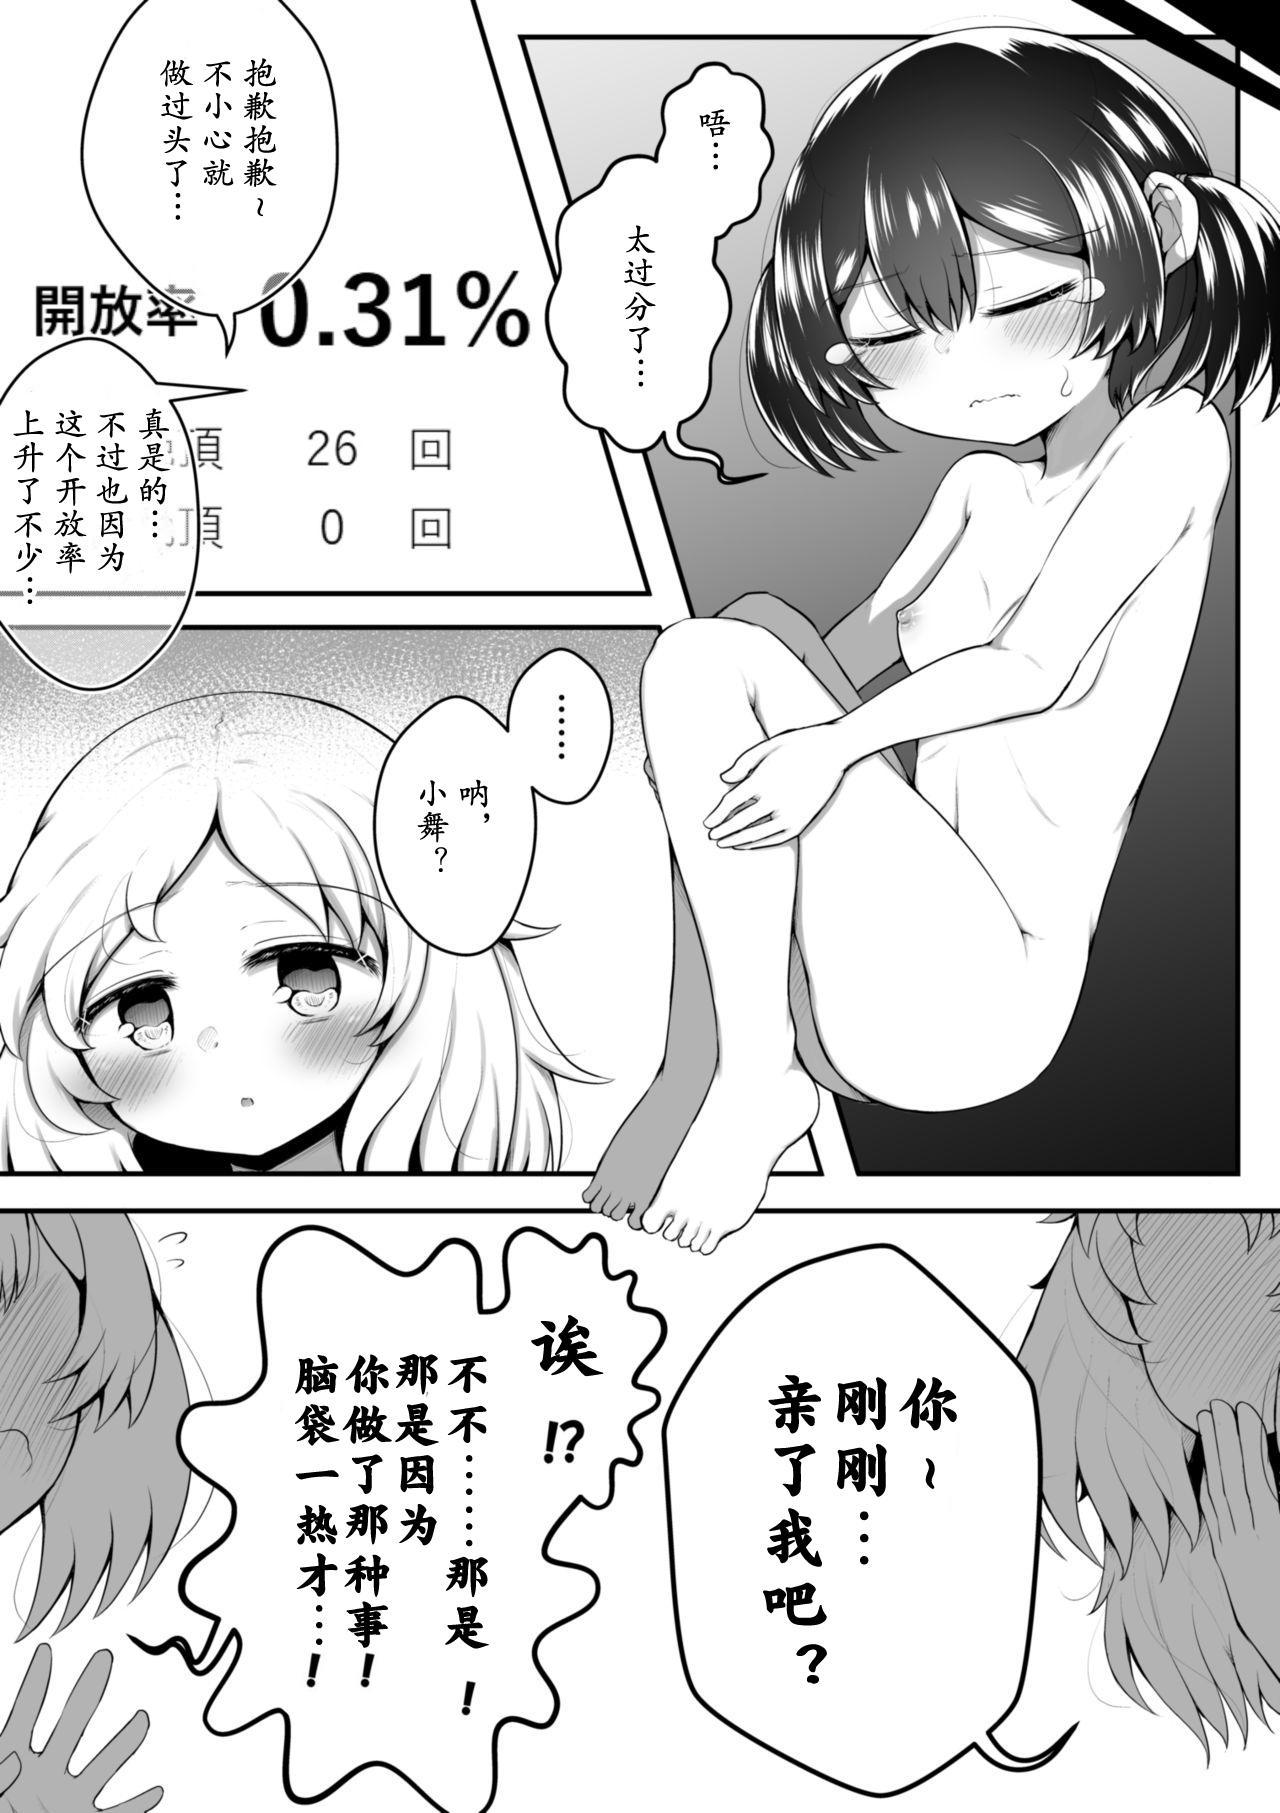 Zeccho Suruto 0.05% no Kakuritsu de Derareru Heya | 高潮后只有0.05%的概率~才能离开的房间 32